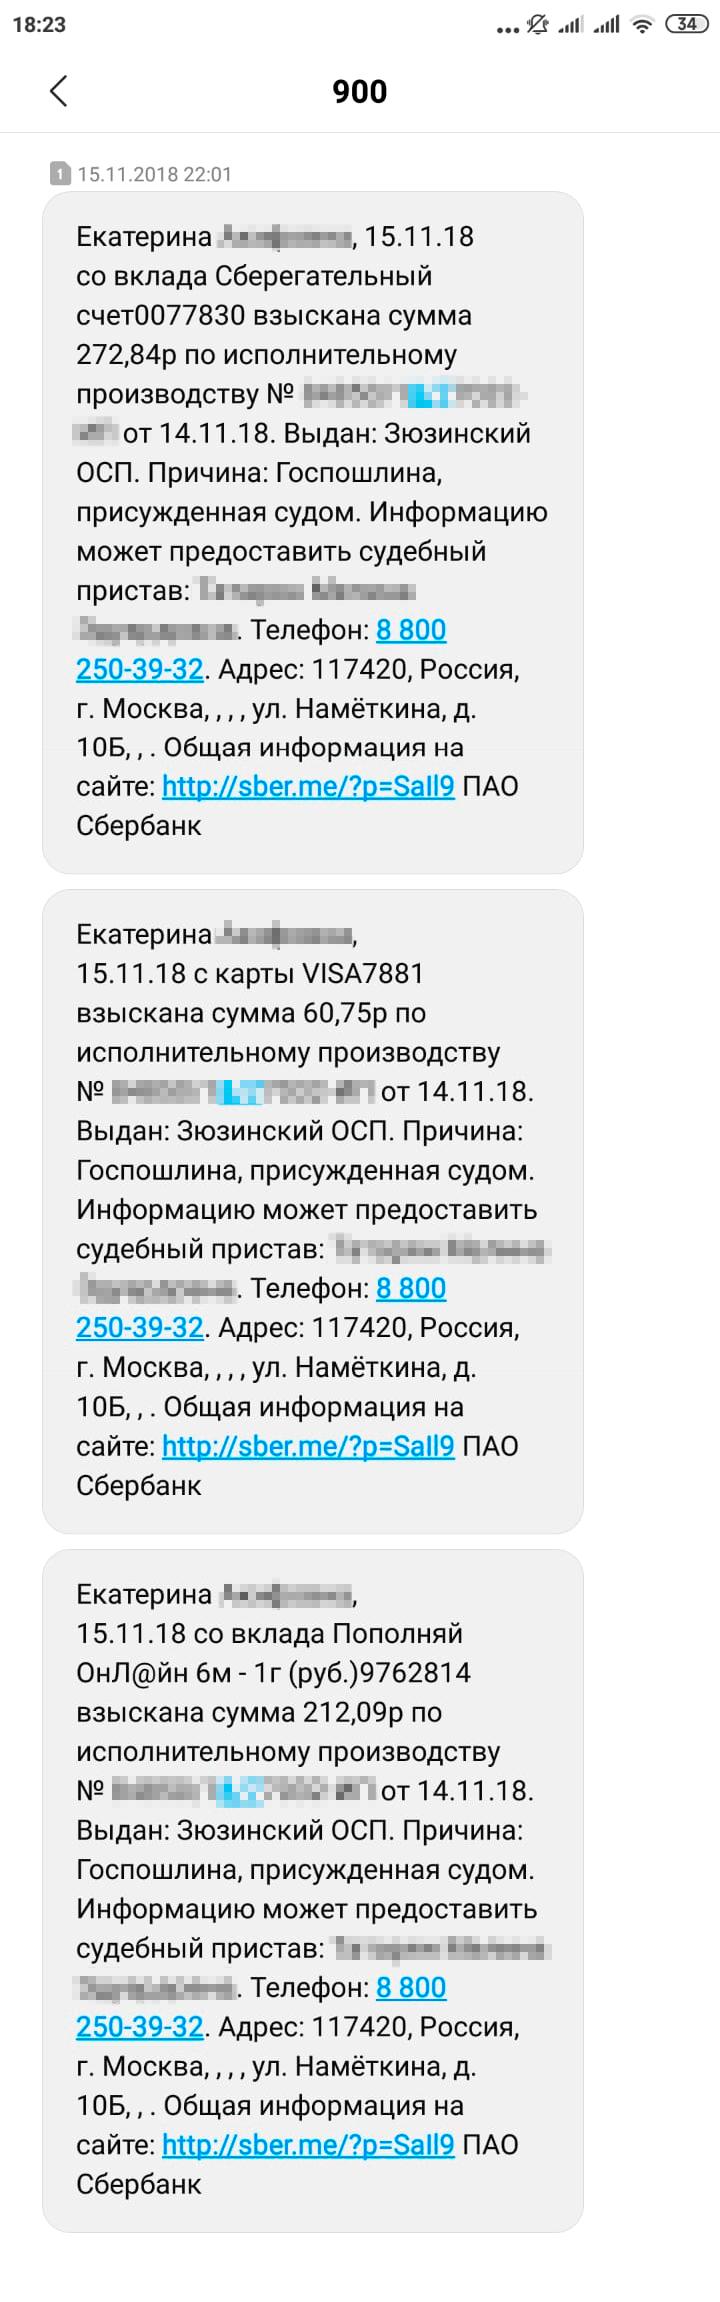 Сообщения о взыскании, которые я получила в ноябре. Всего списали 545,68<span class=ruble>Р</span>